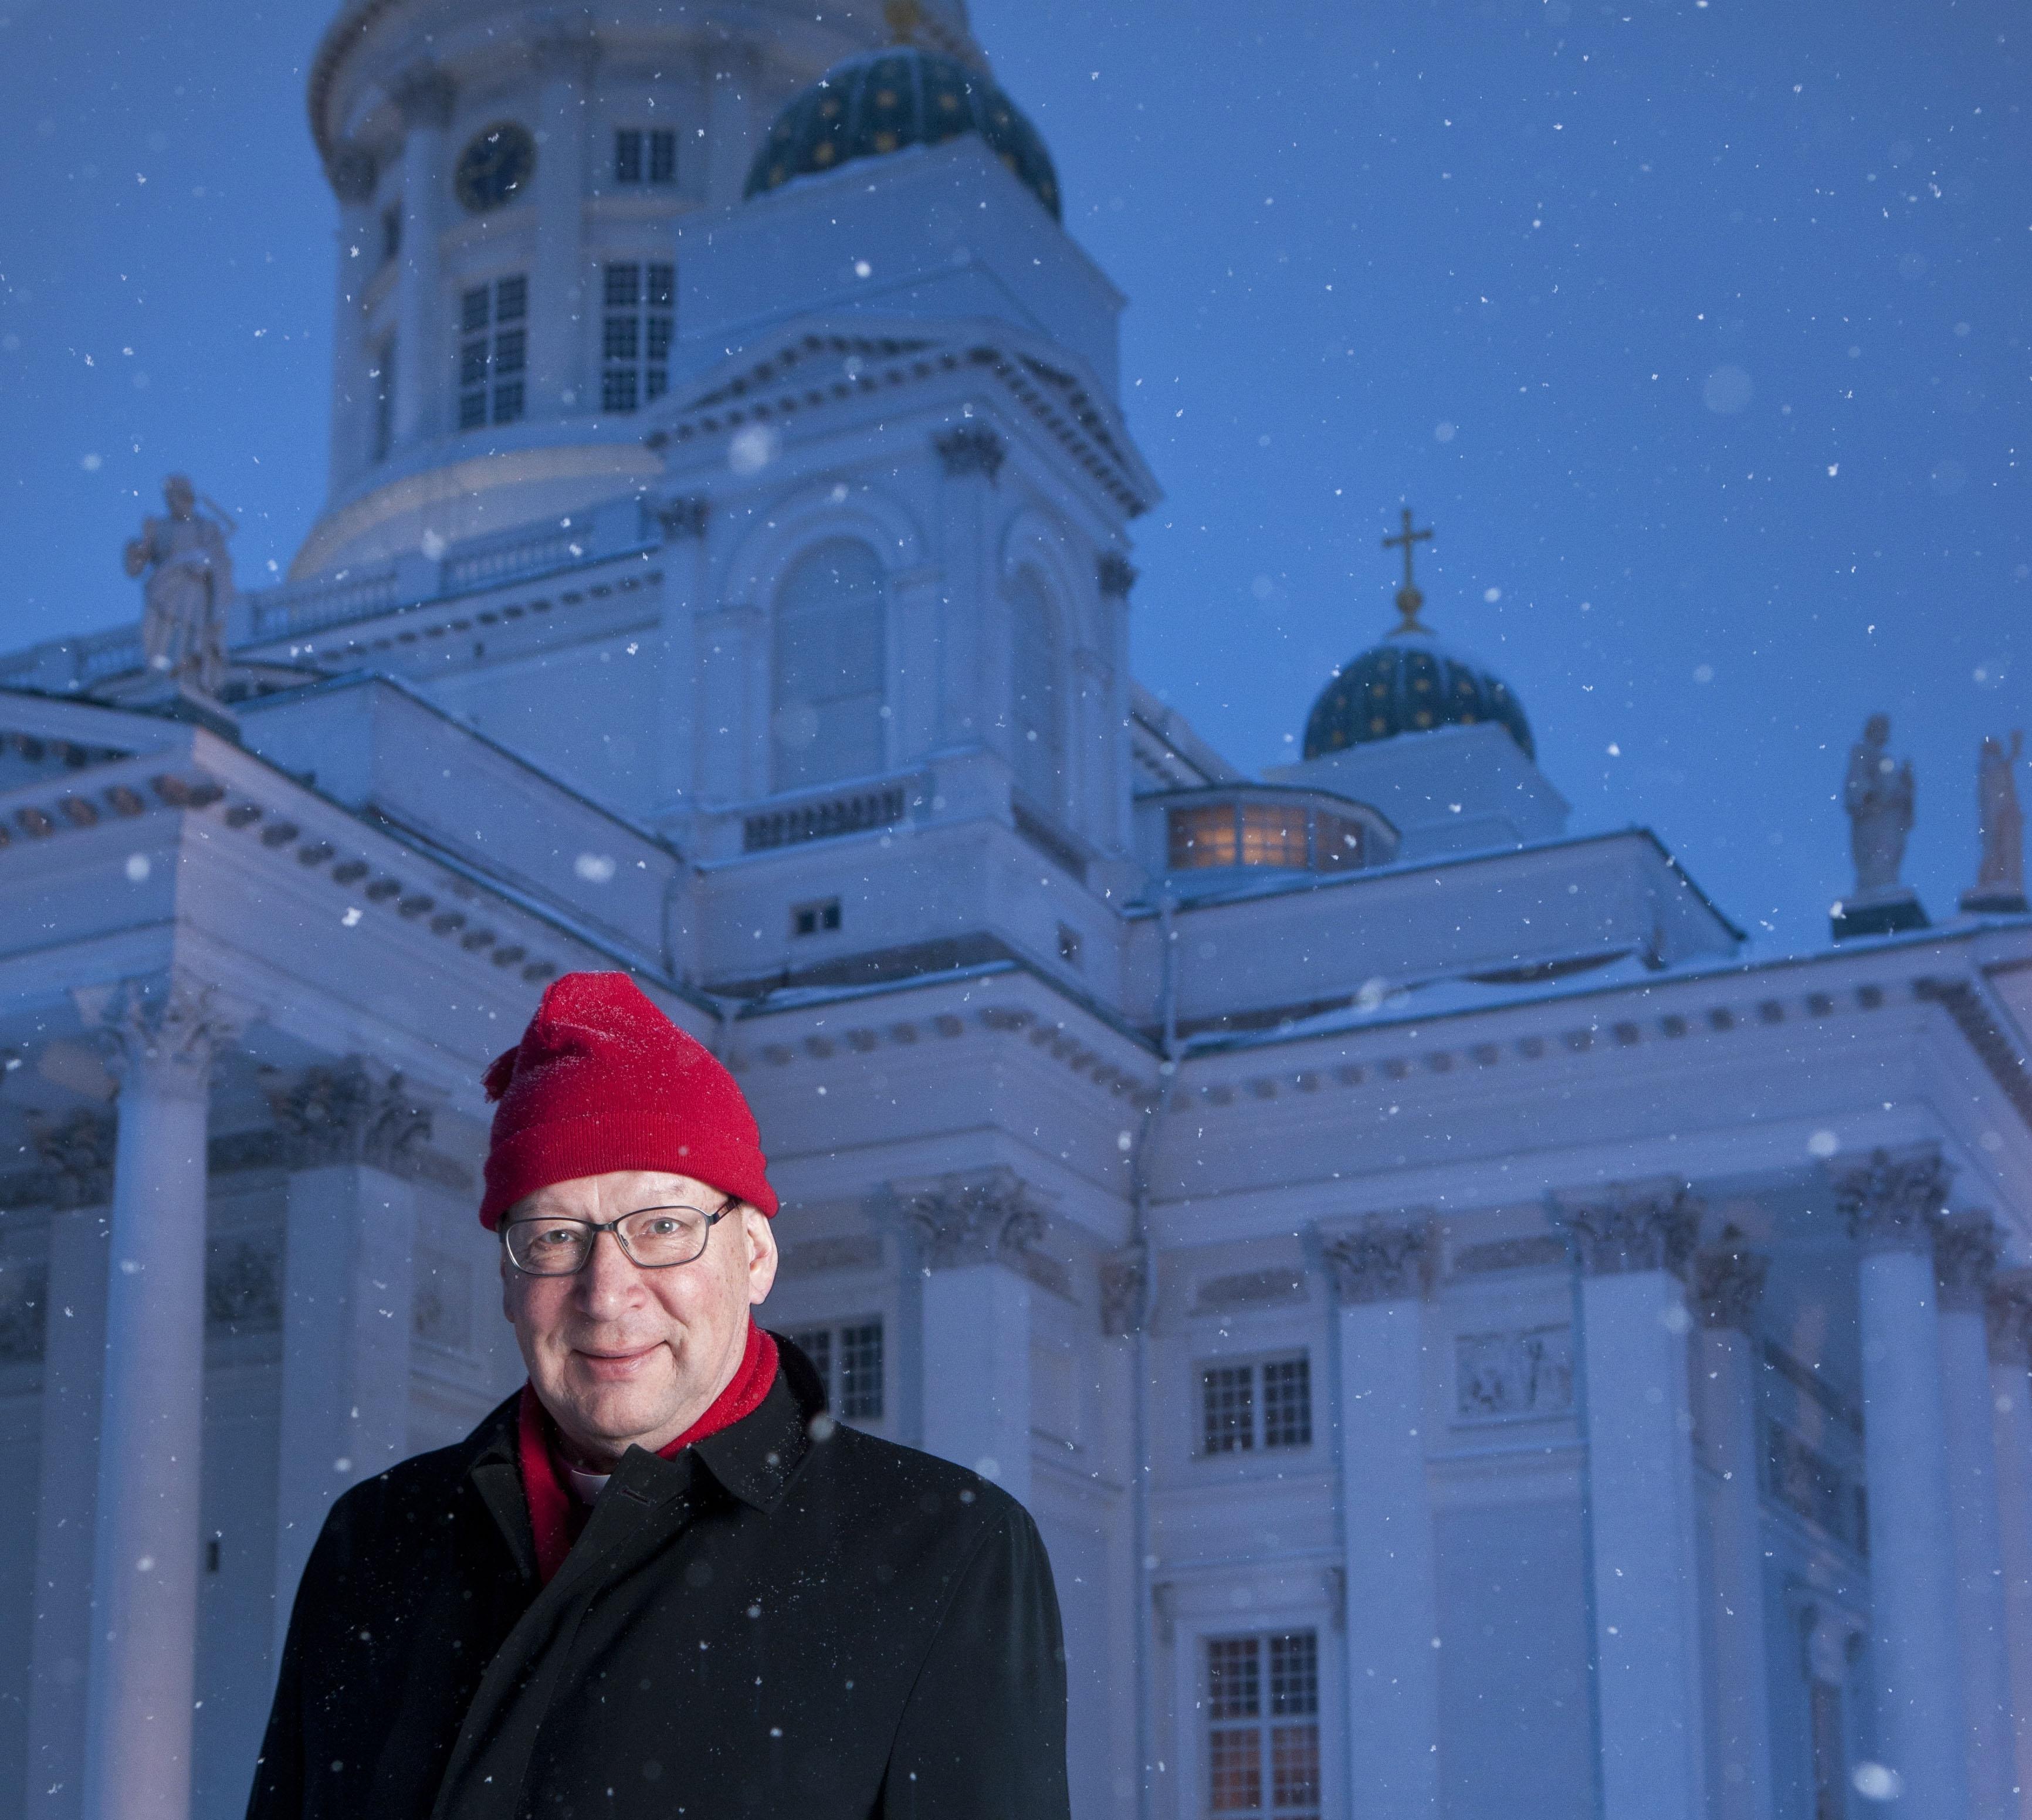 Piispanuransa aikana Eero Huovinen valoi suomalaisiin lohtua Estonian uppoamisen ja Kaakkois-Aasian tsunamin kaltaisen tragedioiden jälkeen.